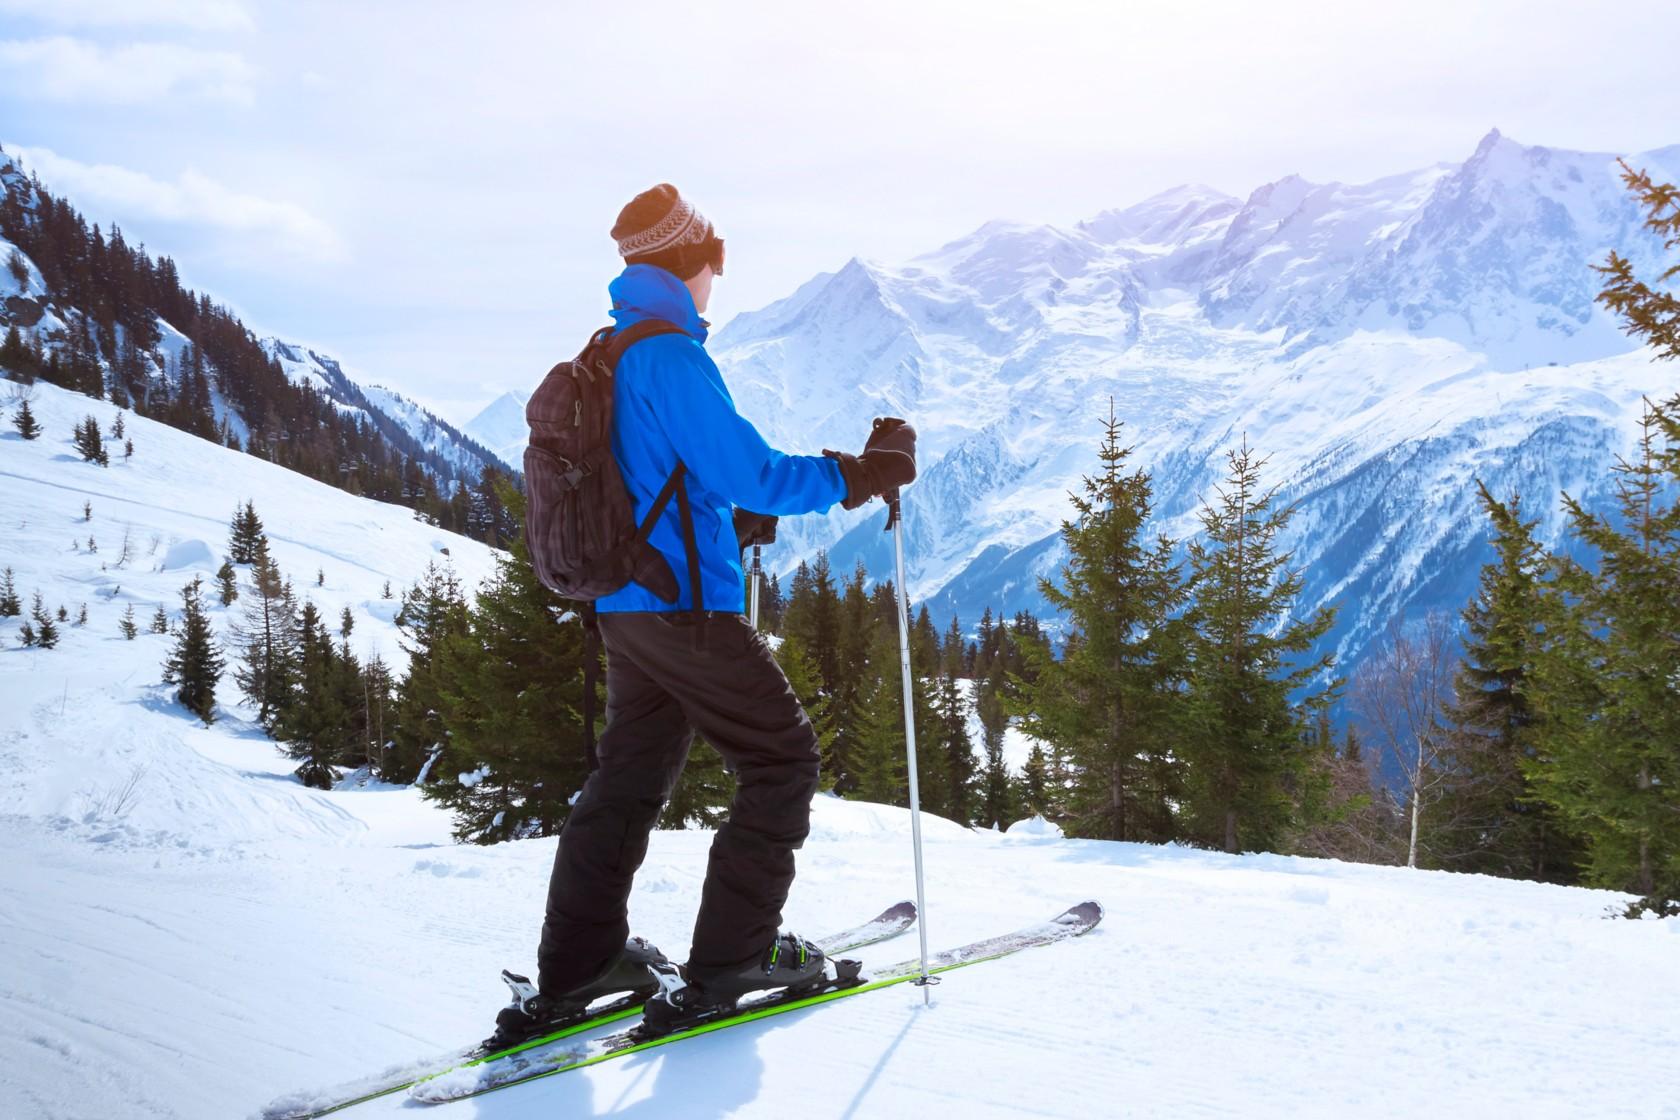 Skibekleidung, ein Mann mit blauer Skijacke steht auf seinen Skis